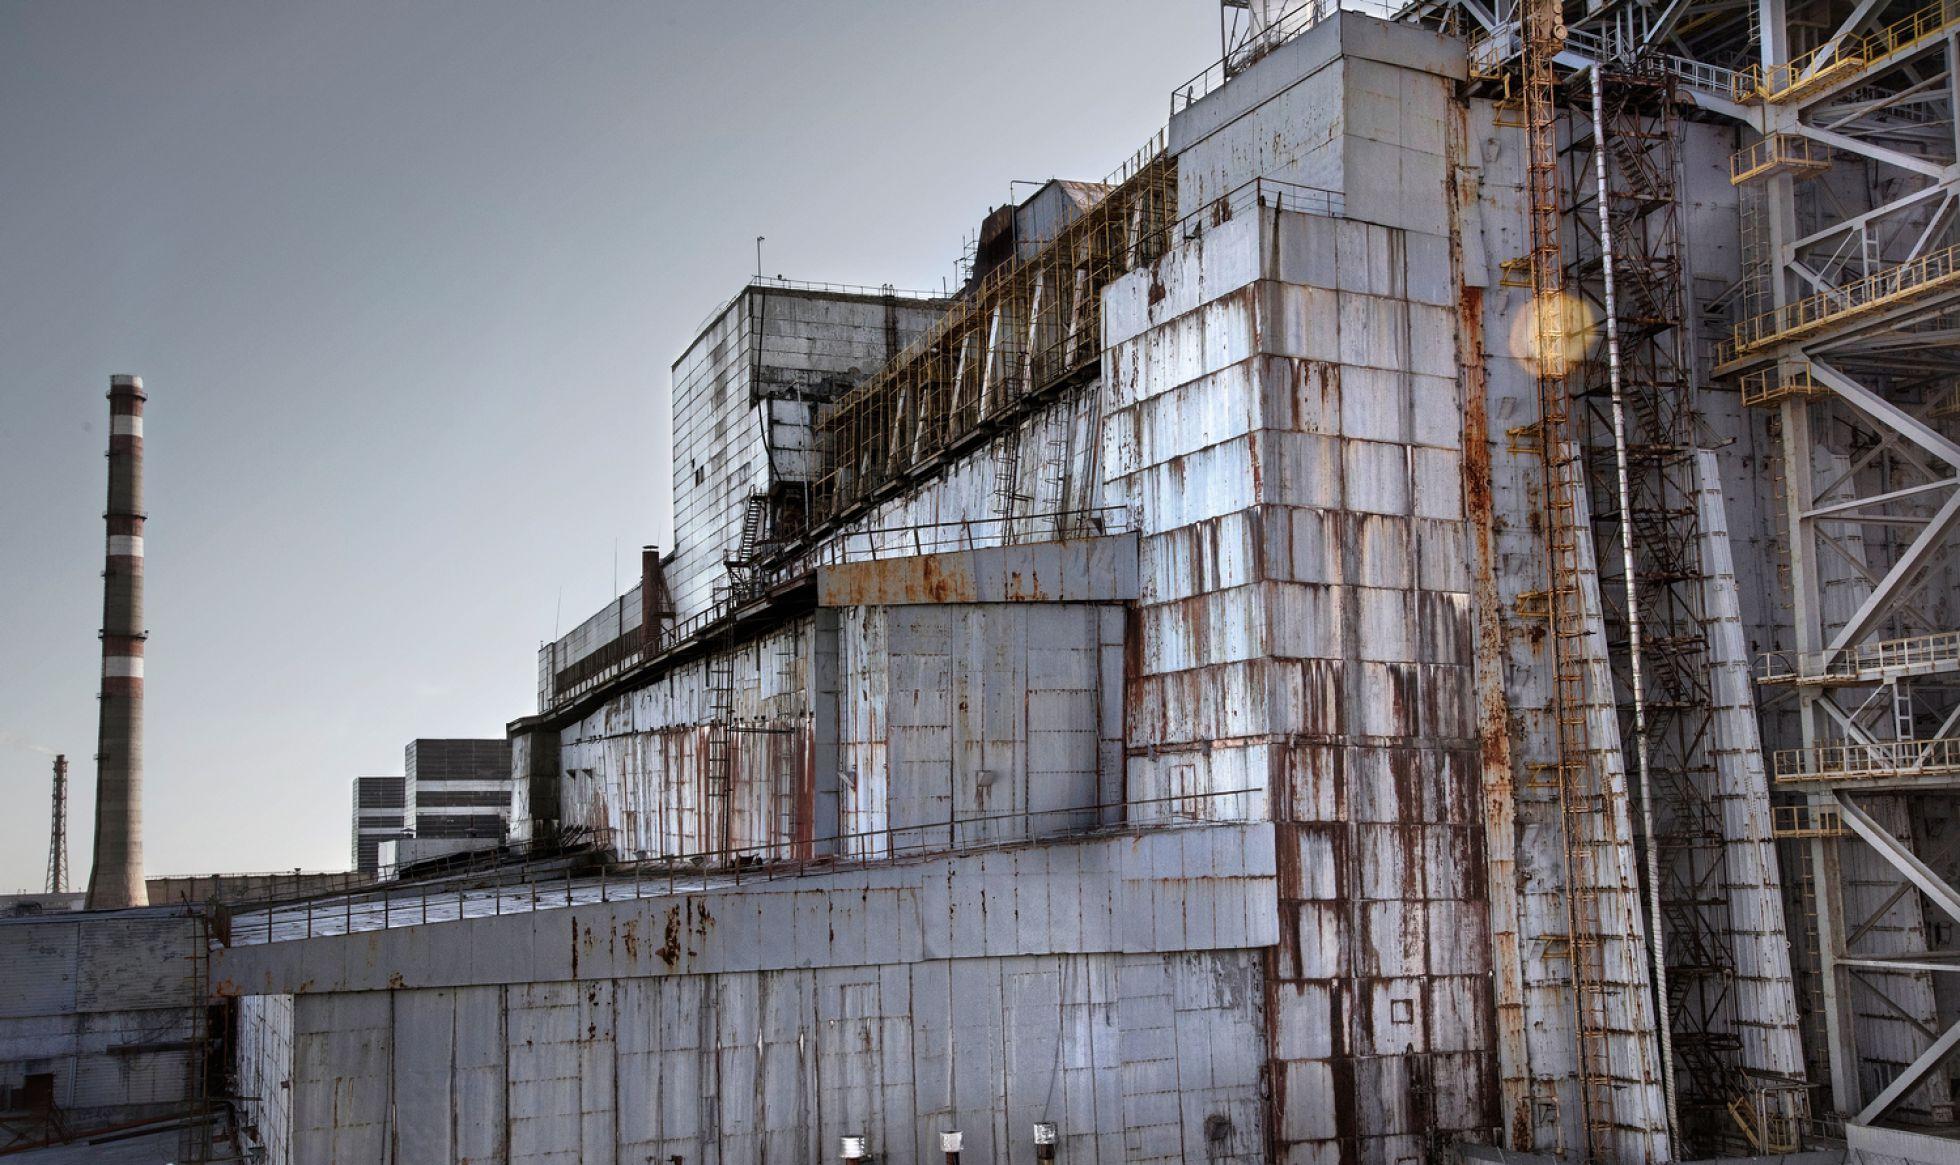 Chernóbil, radiactividad nuclear décadas después [infografía animada]. 1457722766_979859_1457724911_sumario_normal_recorte1